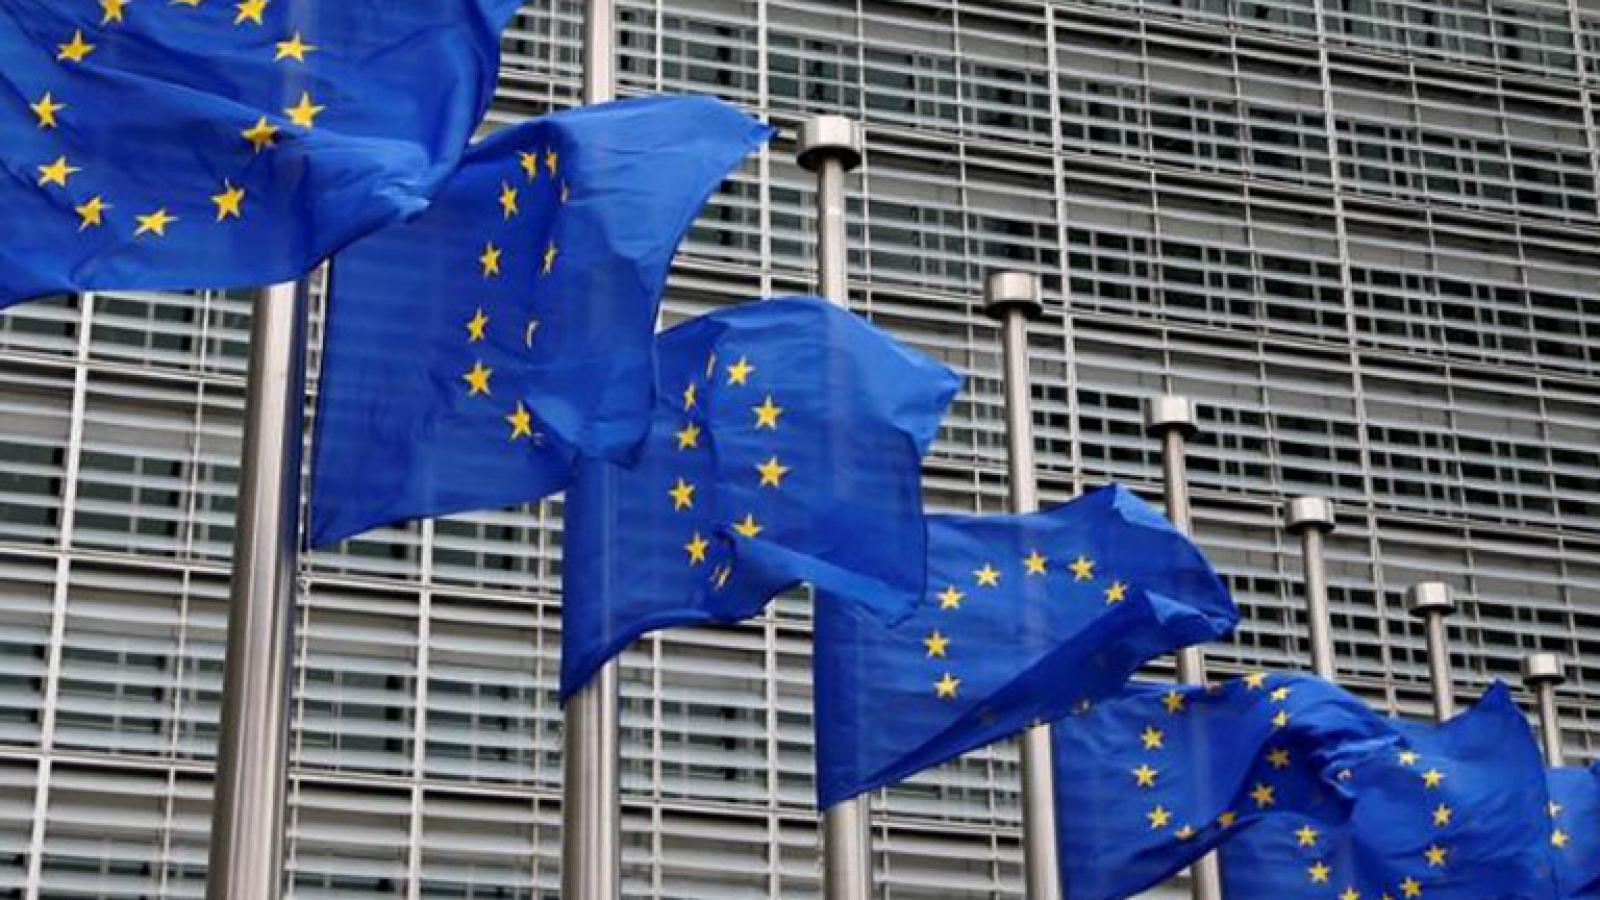 Châu Âu bắt đầu đánh giá thiệt hại kinh tế